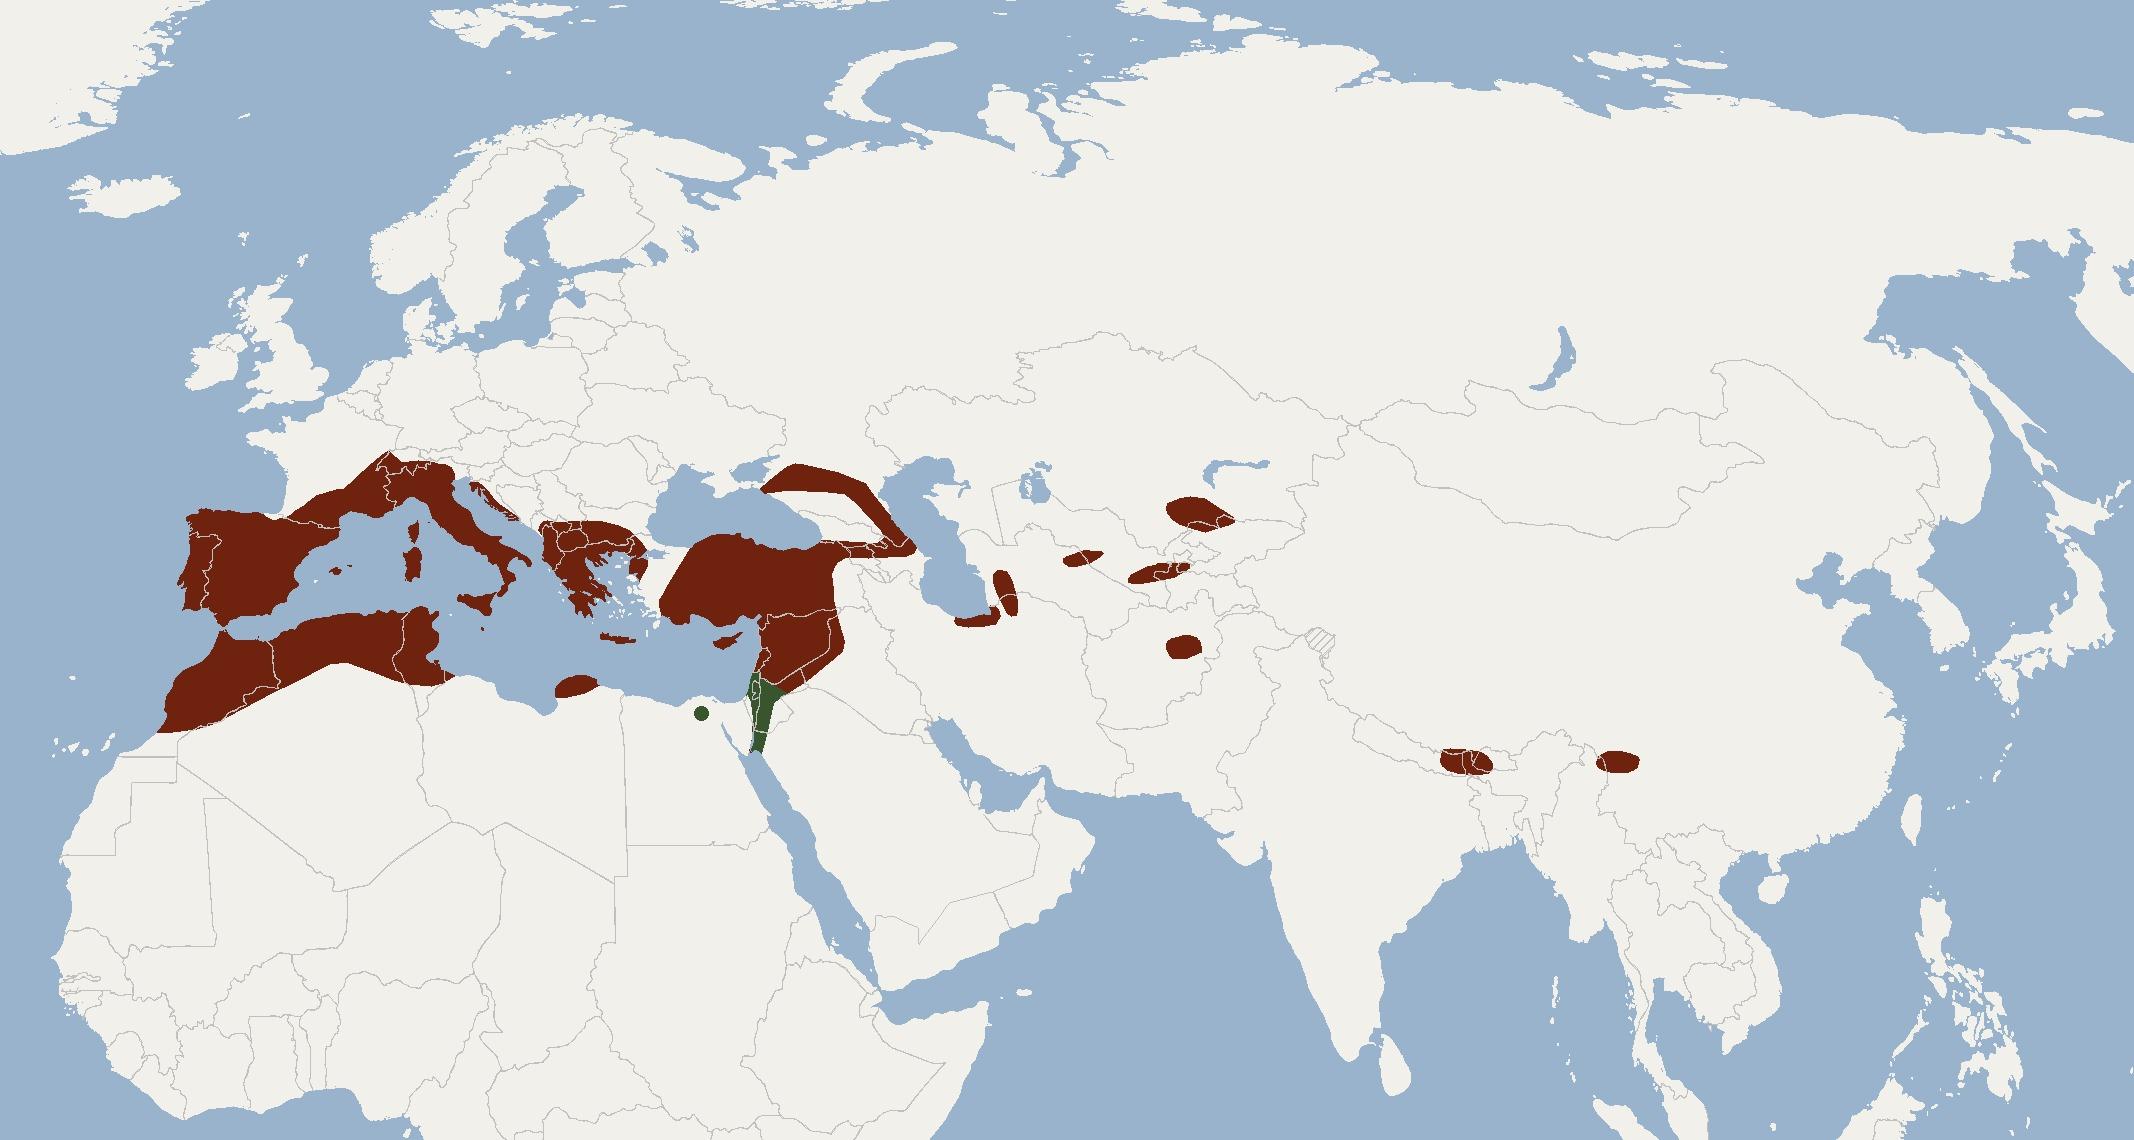 Map of European free-tailed bat